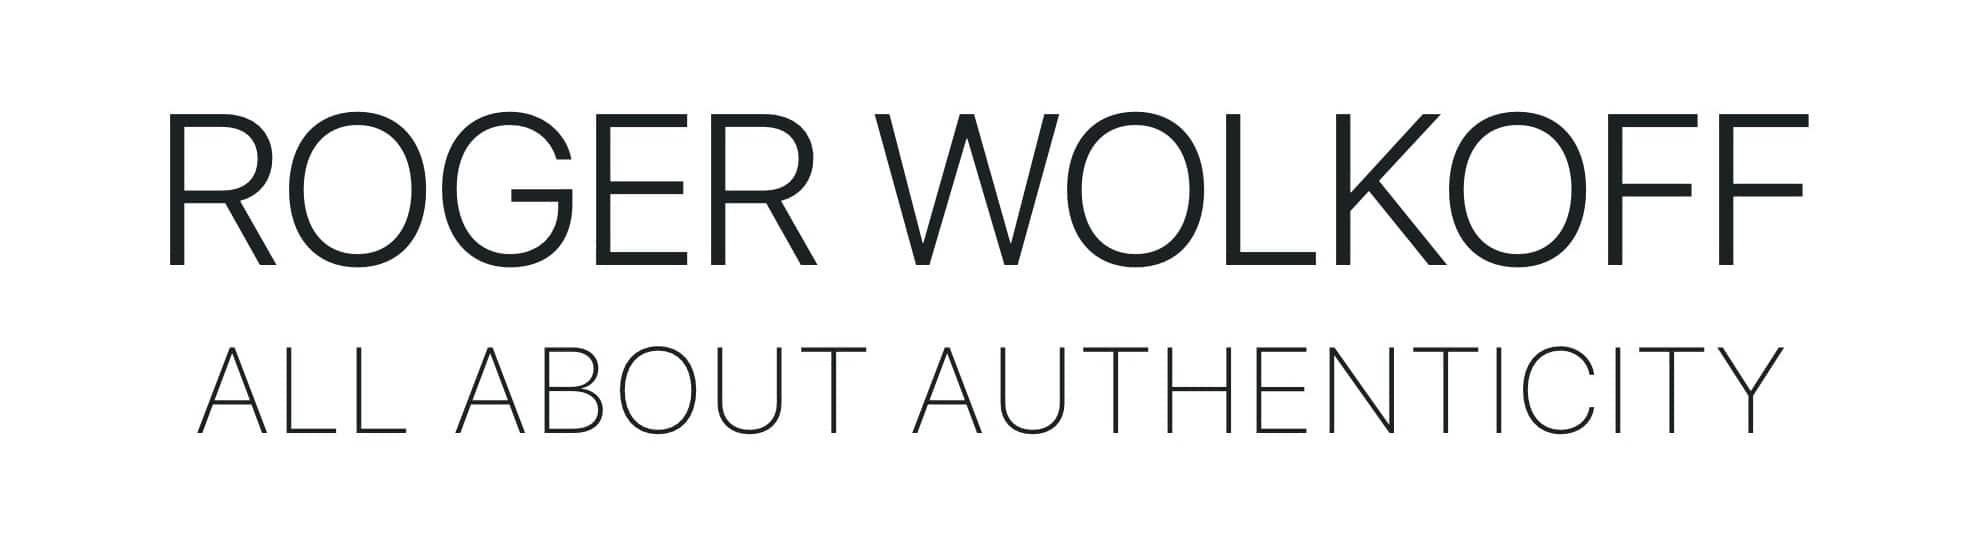 Website Design for Roger Wolkoff